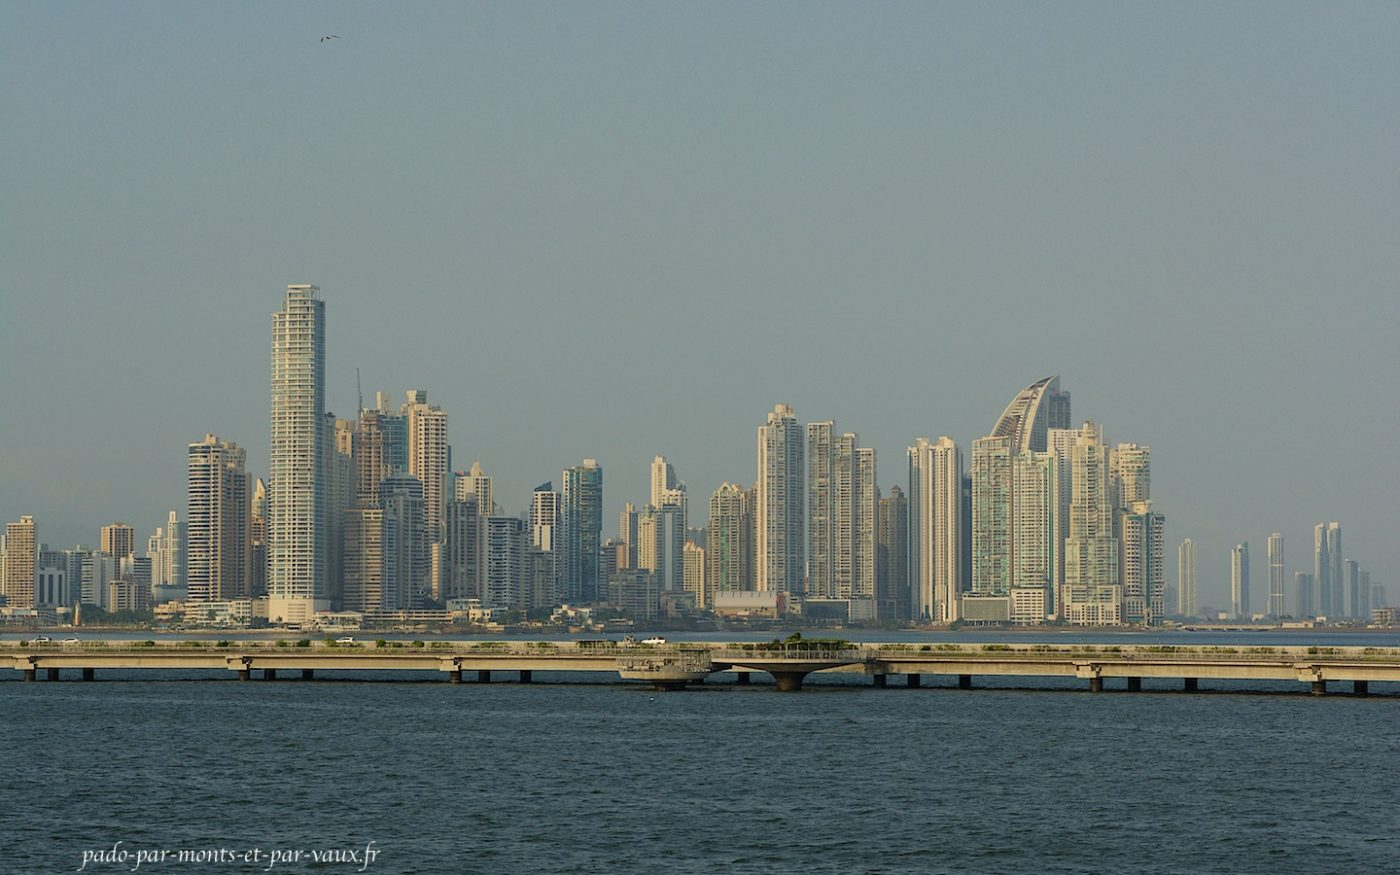 Panama - Ville nouvelle